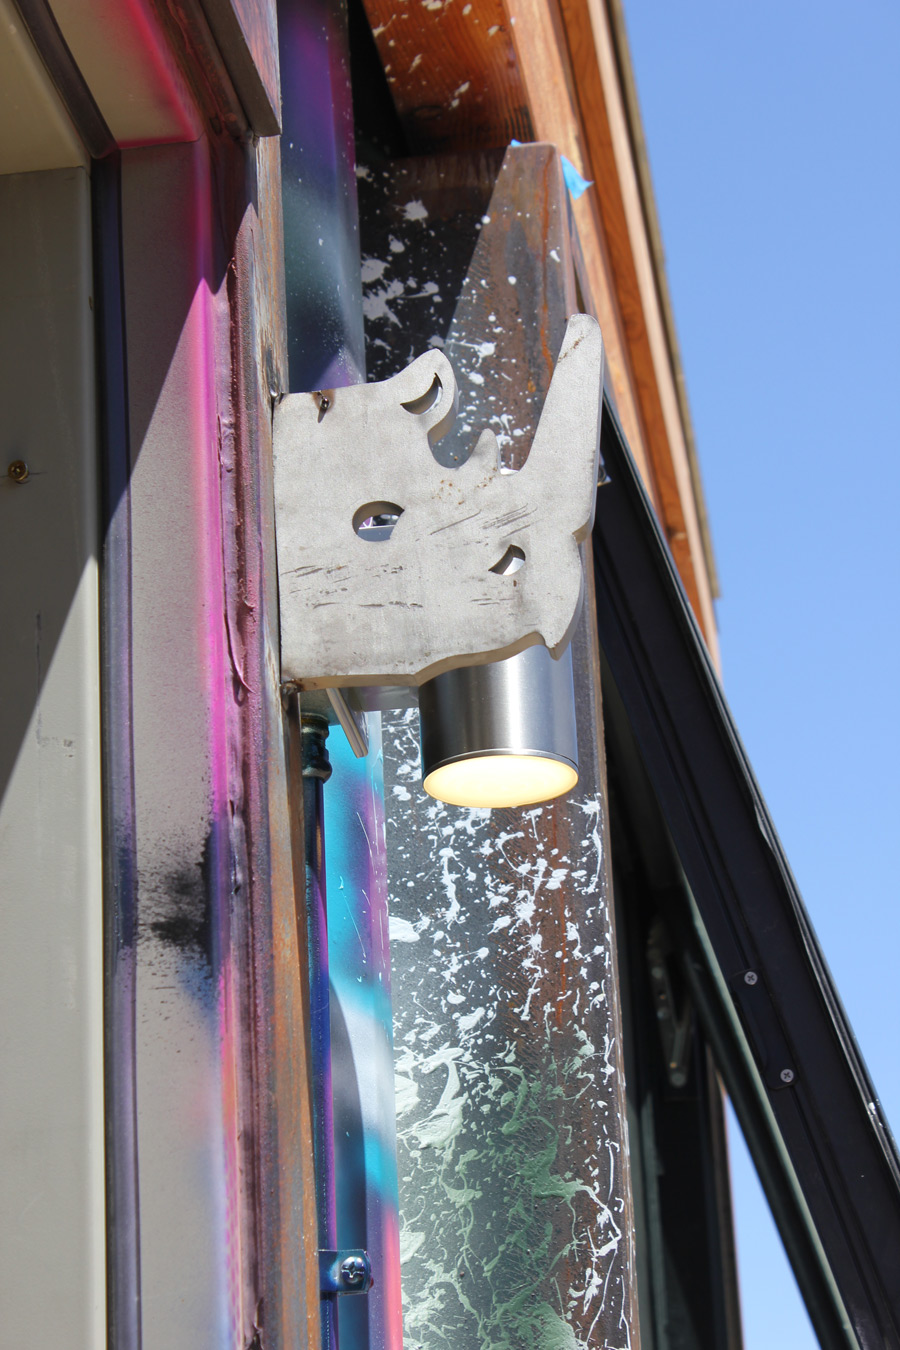 nola-rhino-cubed-9